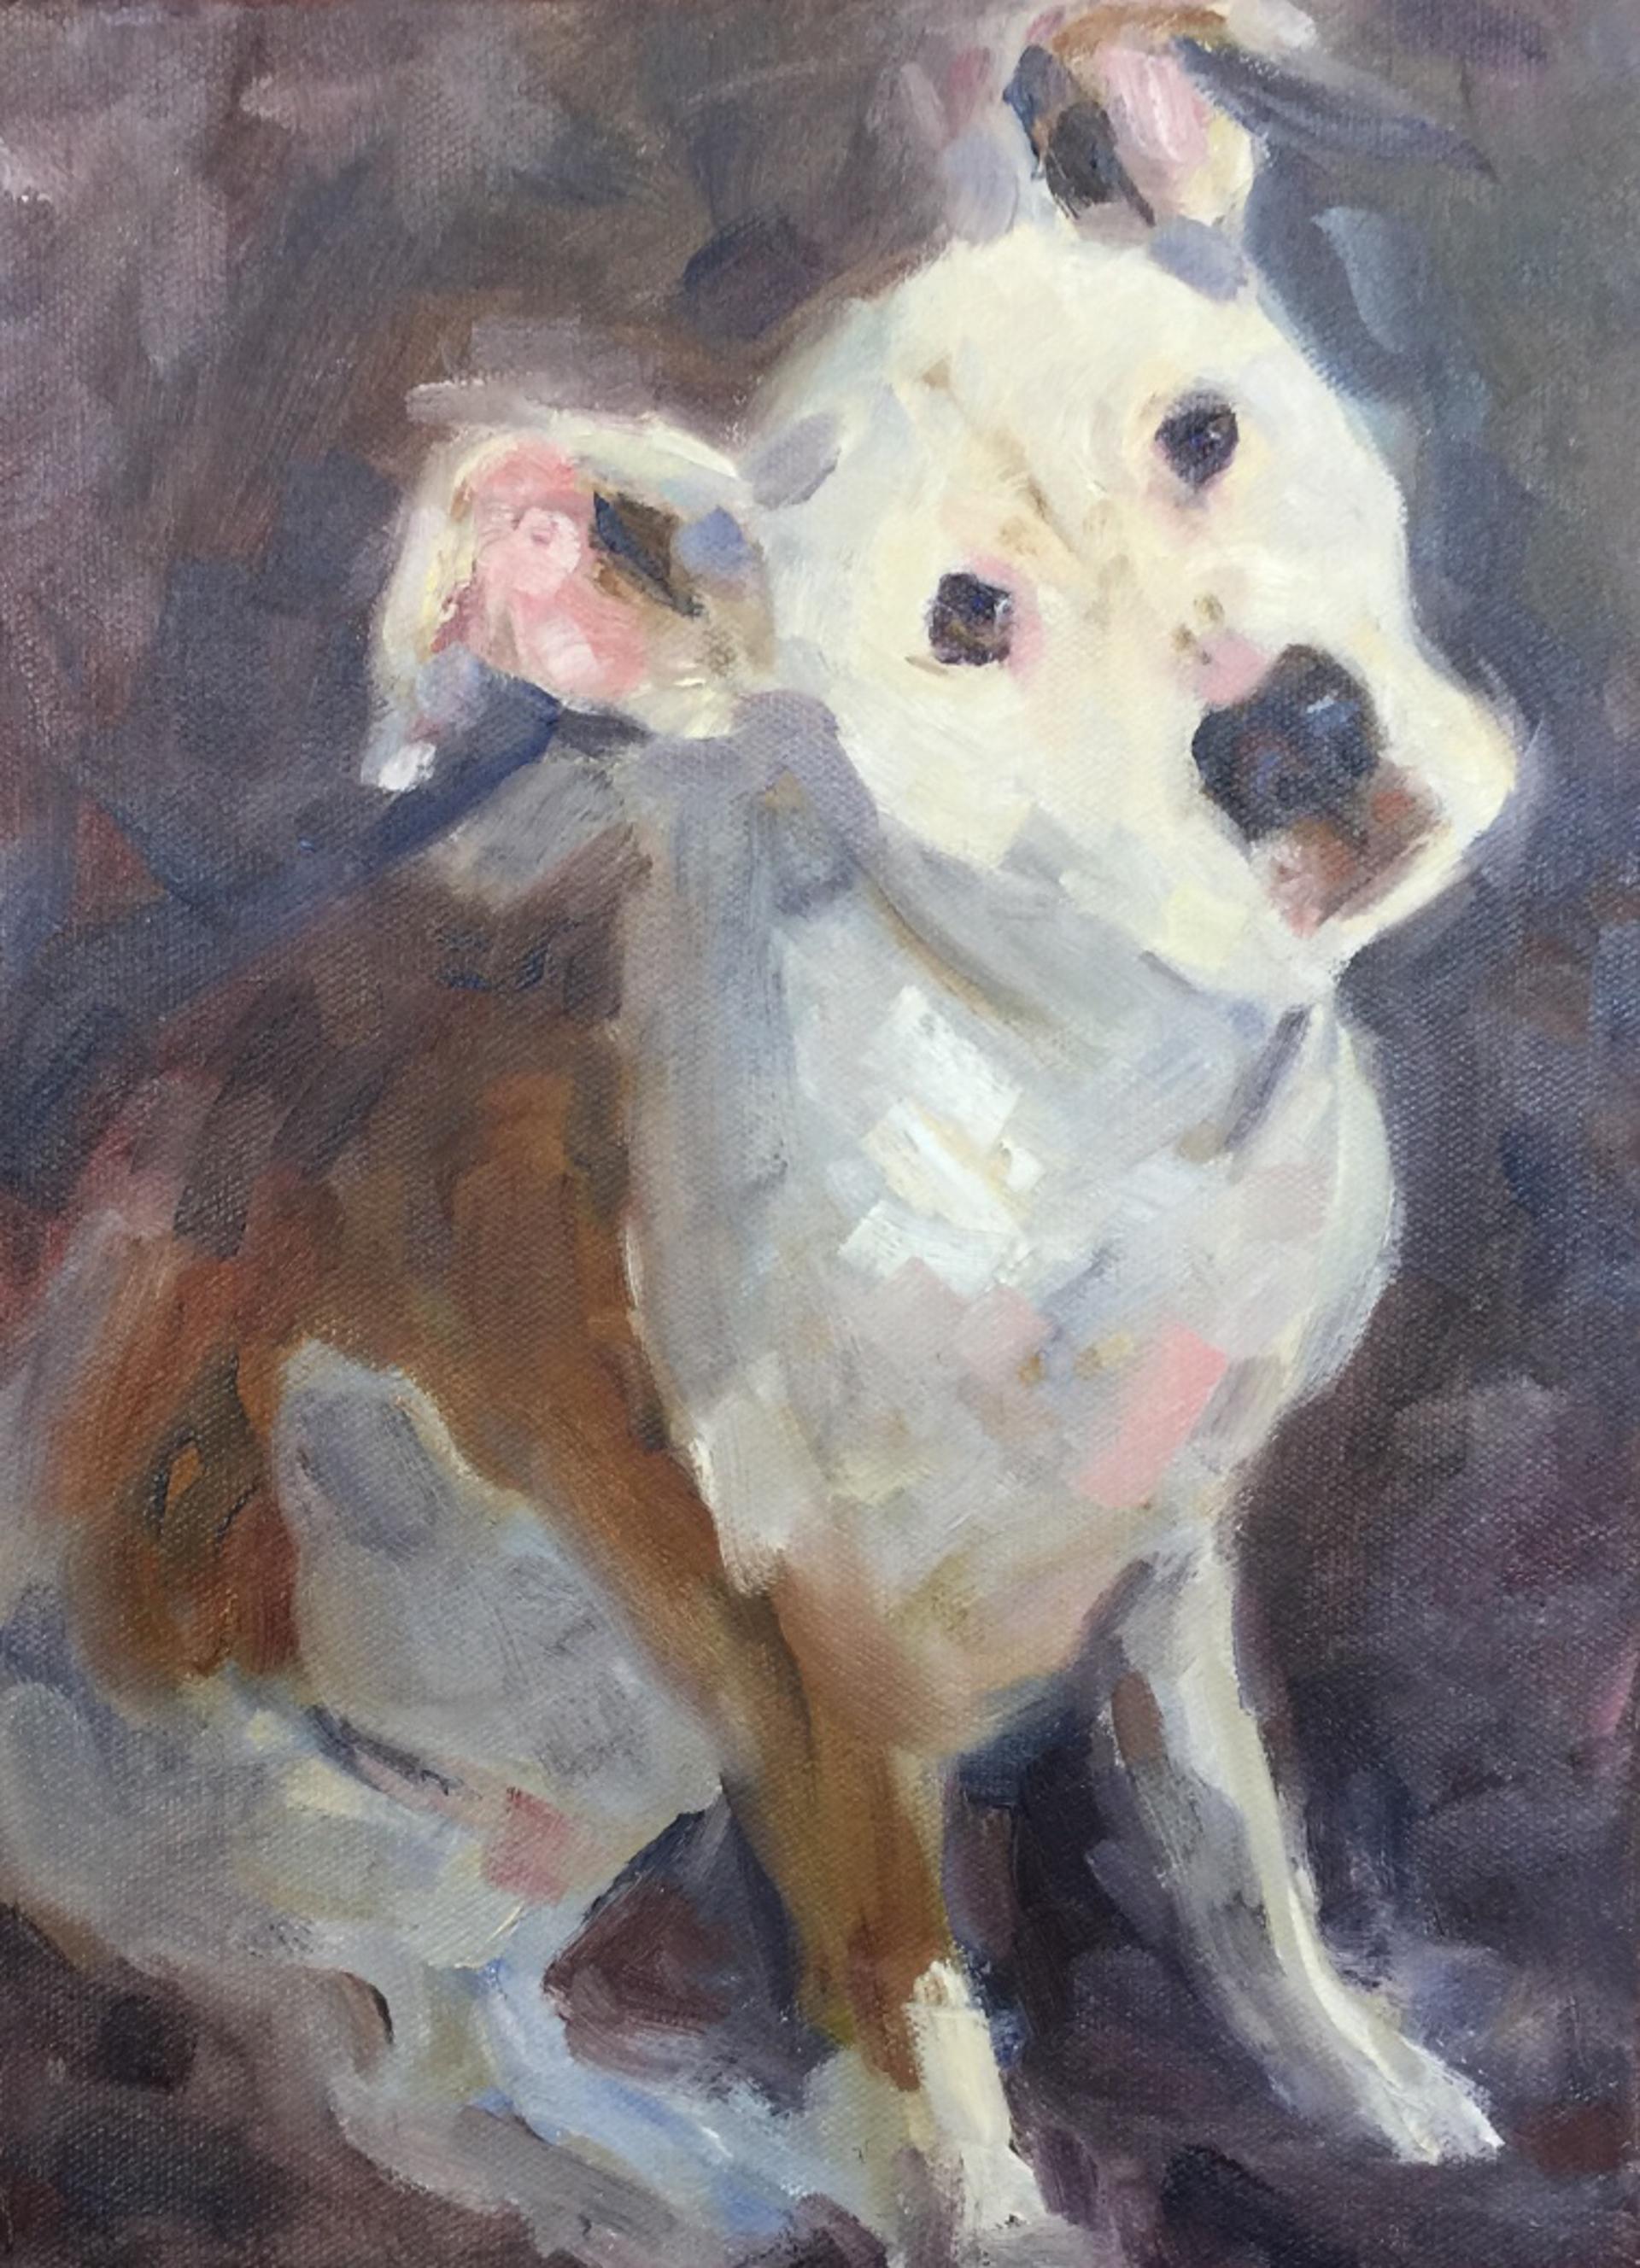 Pet Portrait Commission by Angela Powers